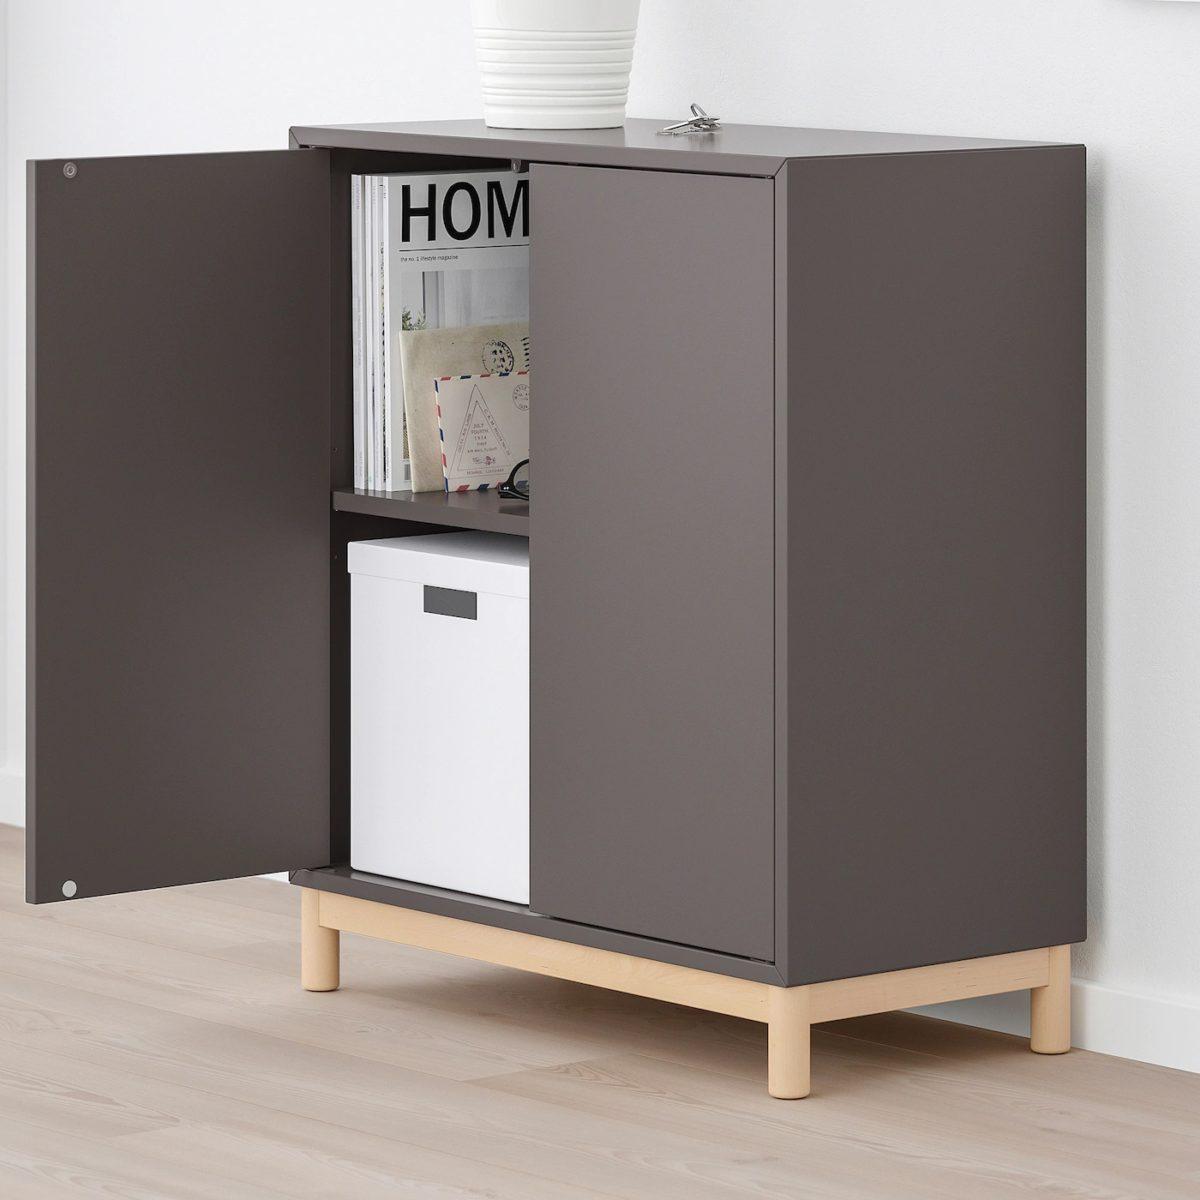 Offerte IKEA Capodanno 2020: le idee per rinnovare casa